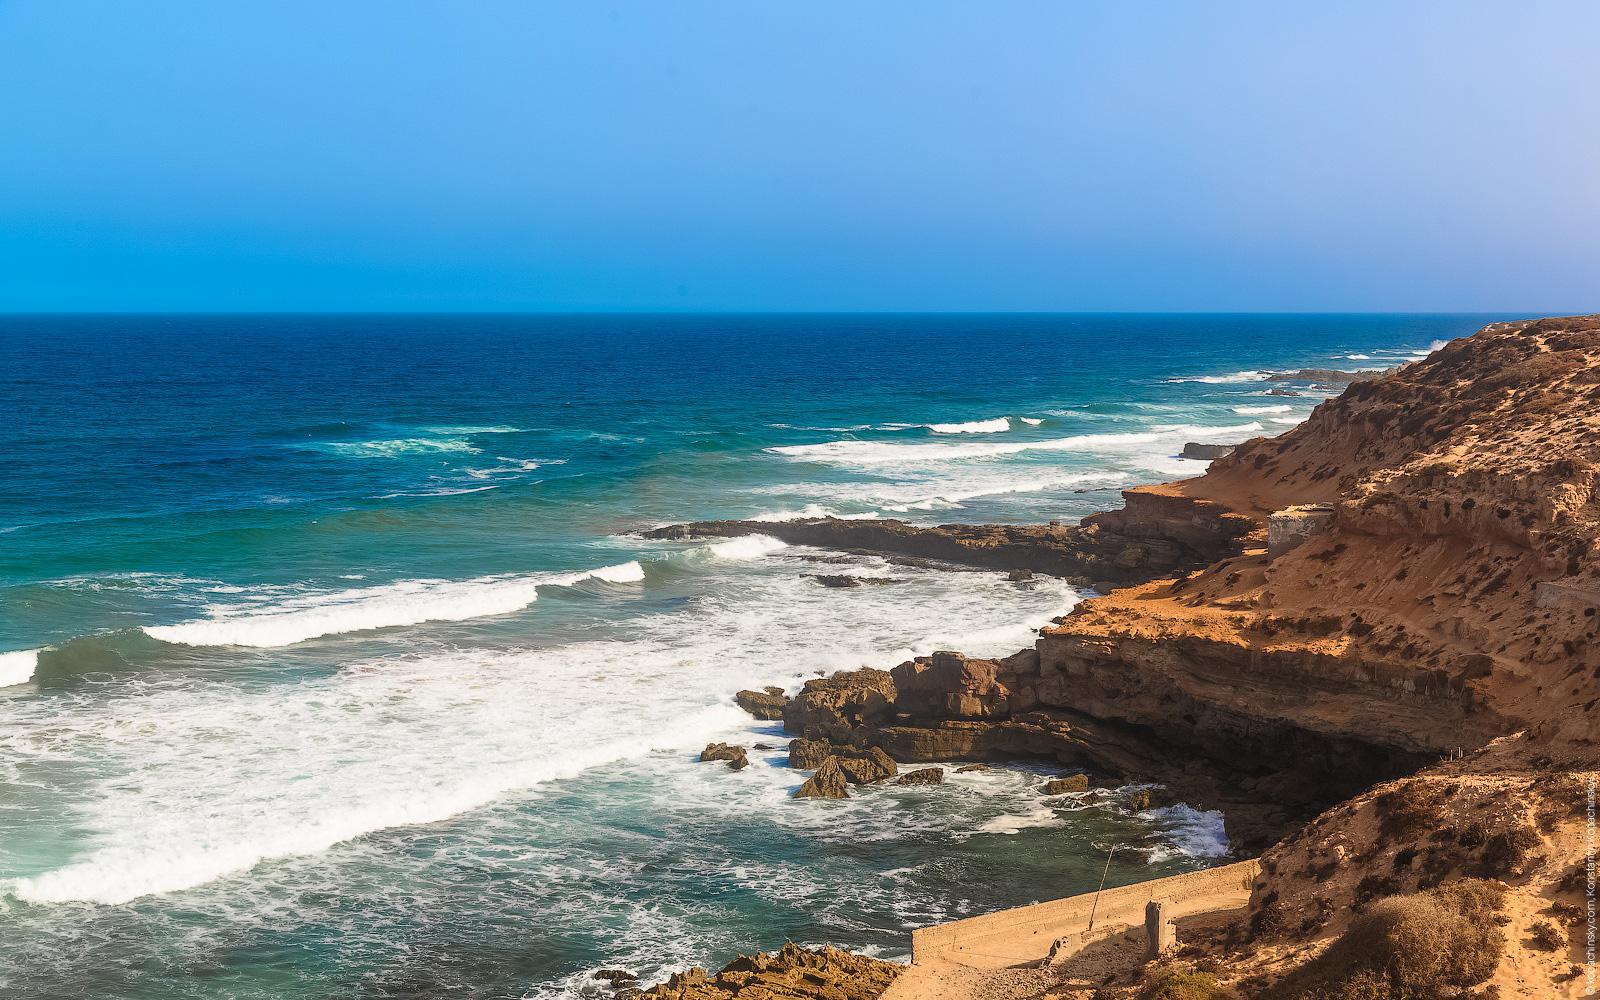 этого надо какое море в марокко фото нарядить